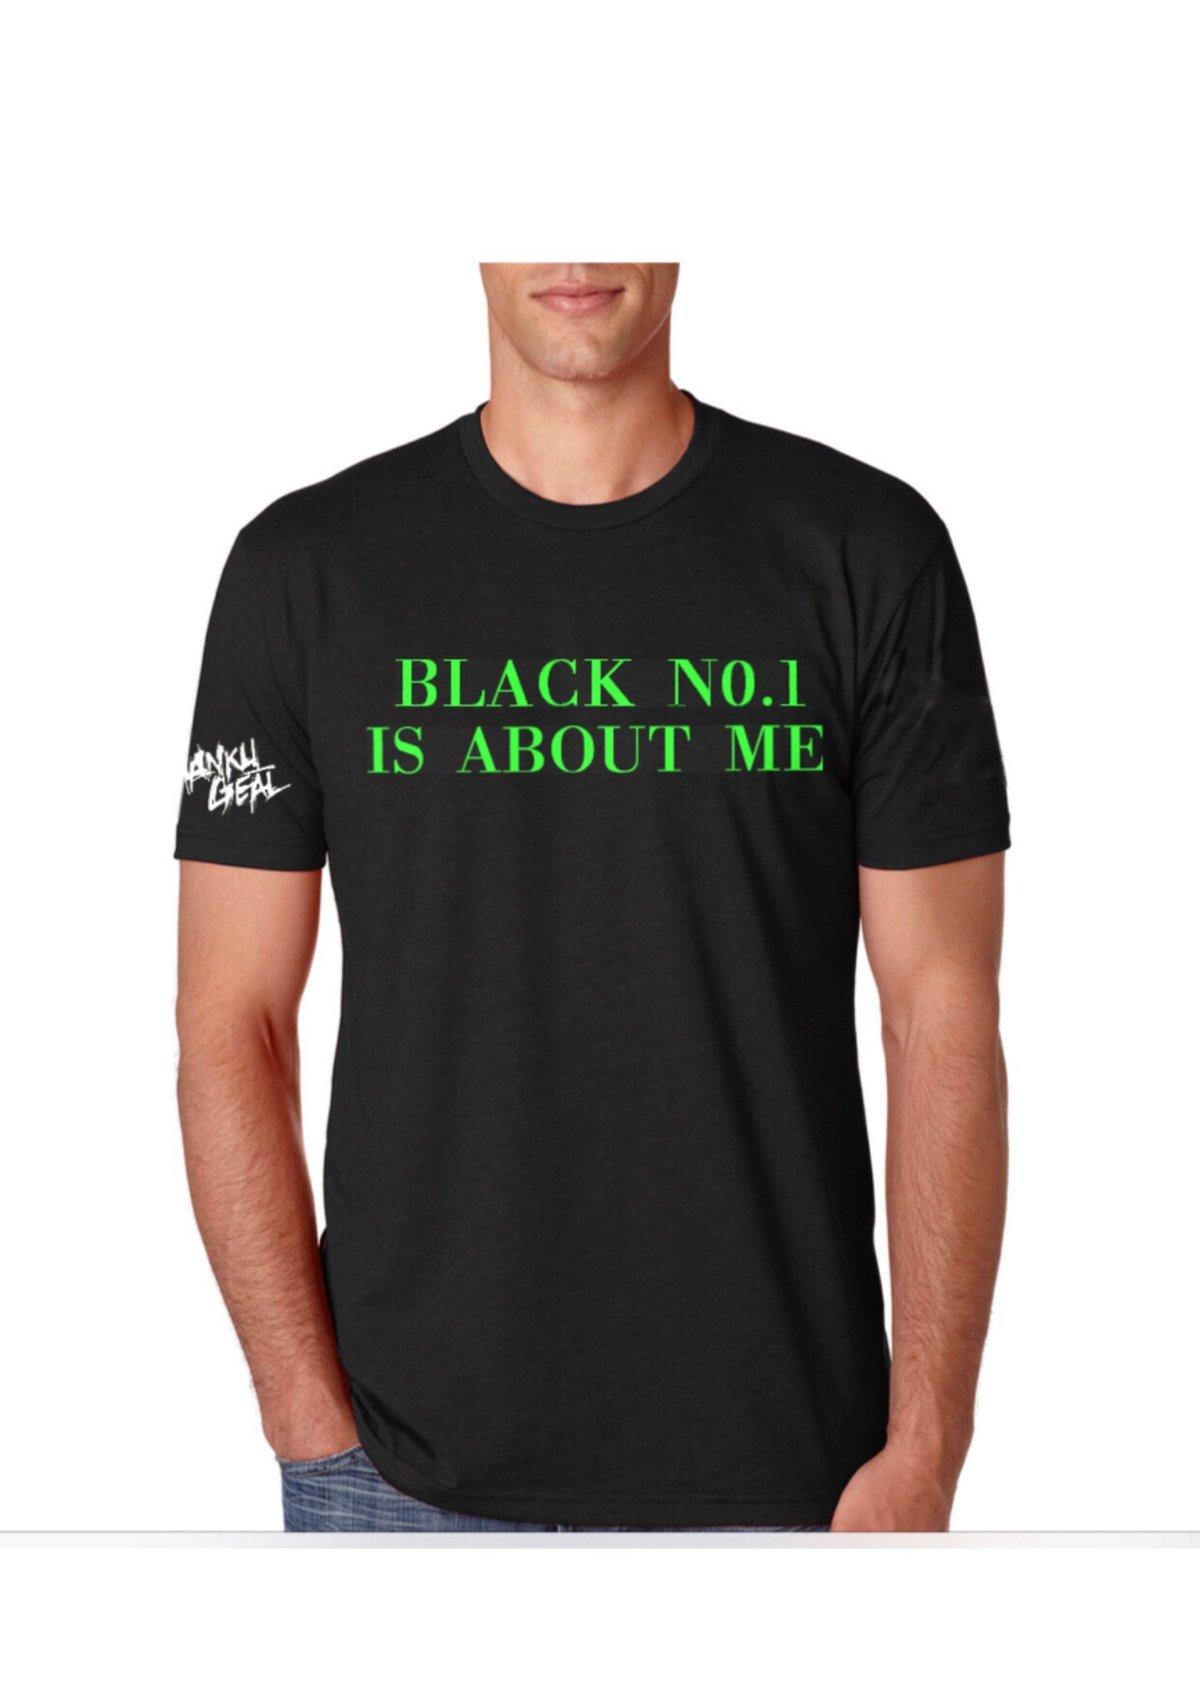 Image of Black No.1 Green Mens Tee